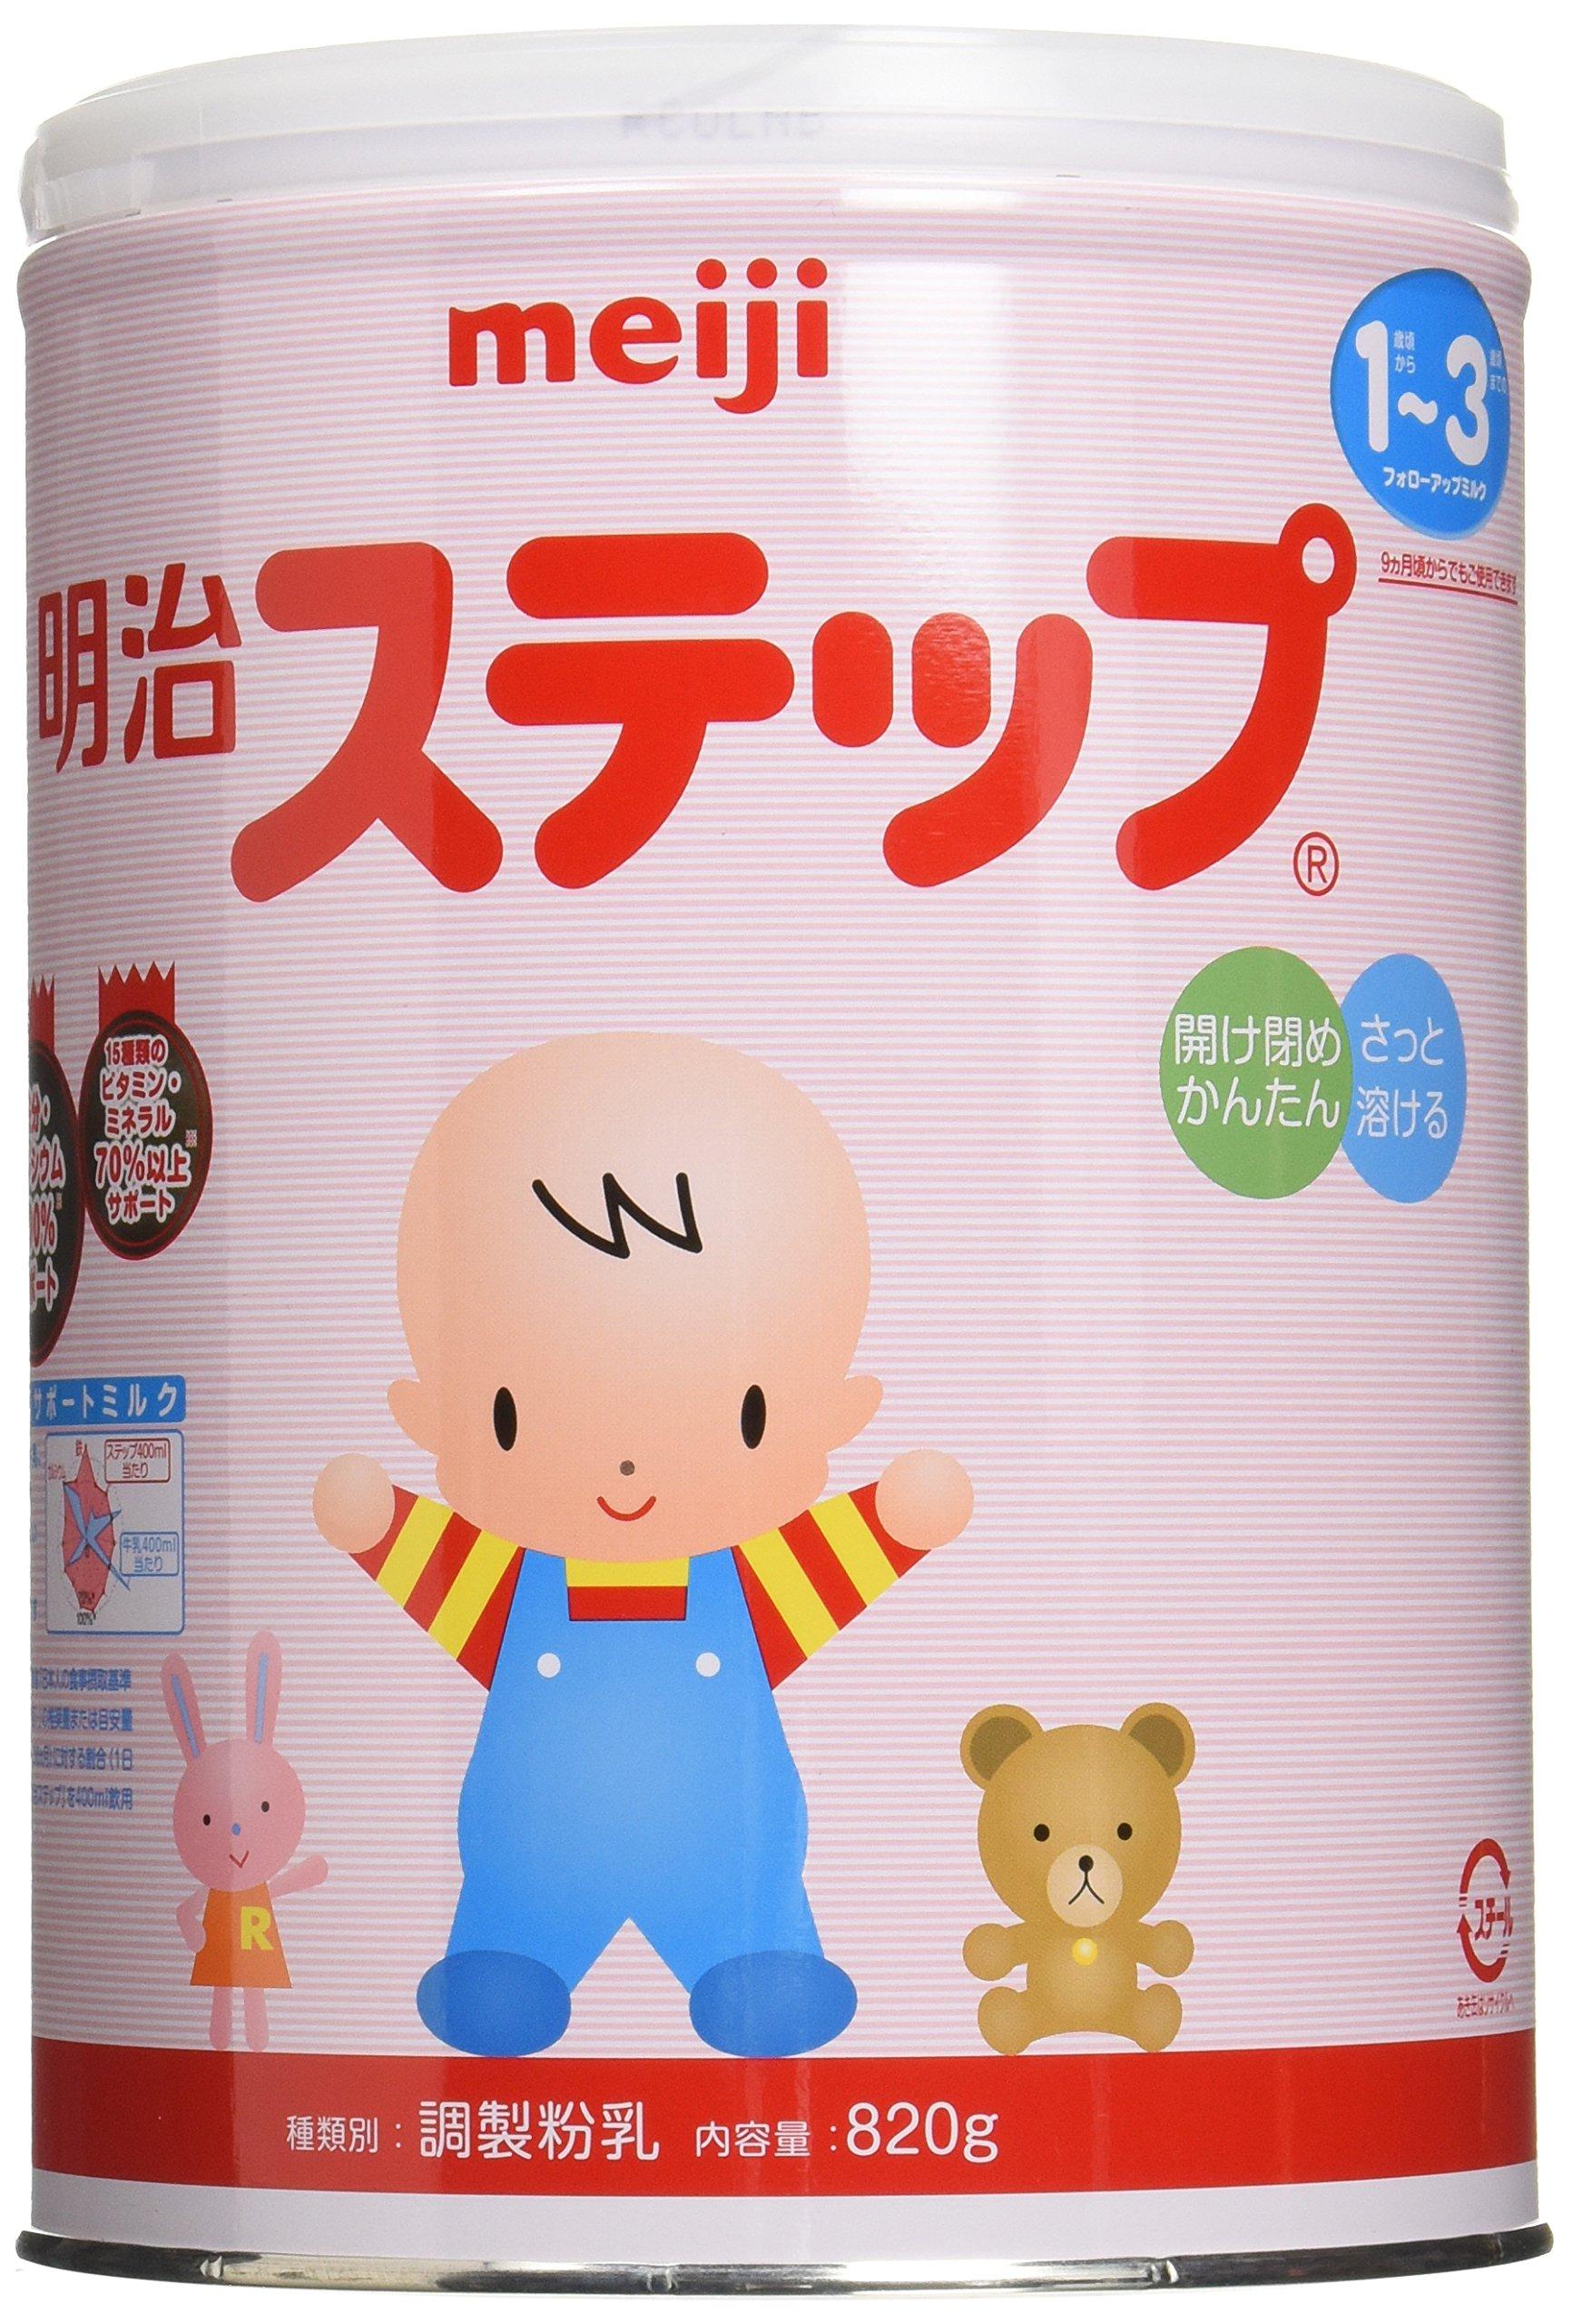 Meiji step milk powder 820g x 6 box